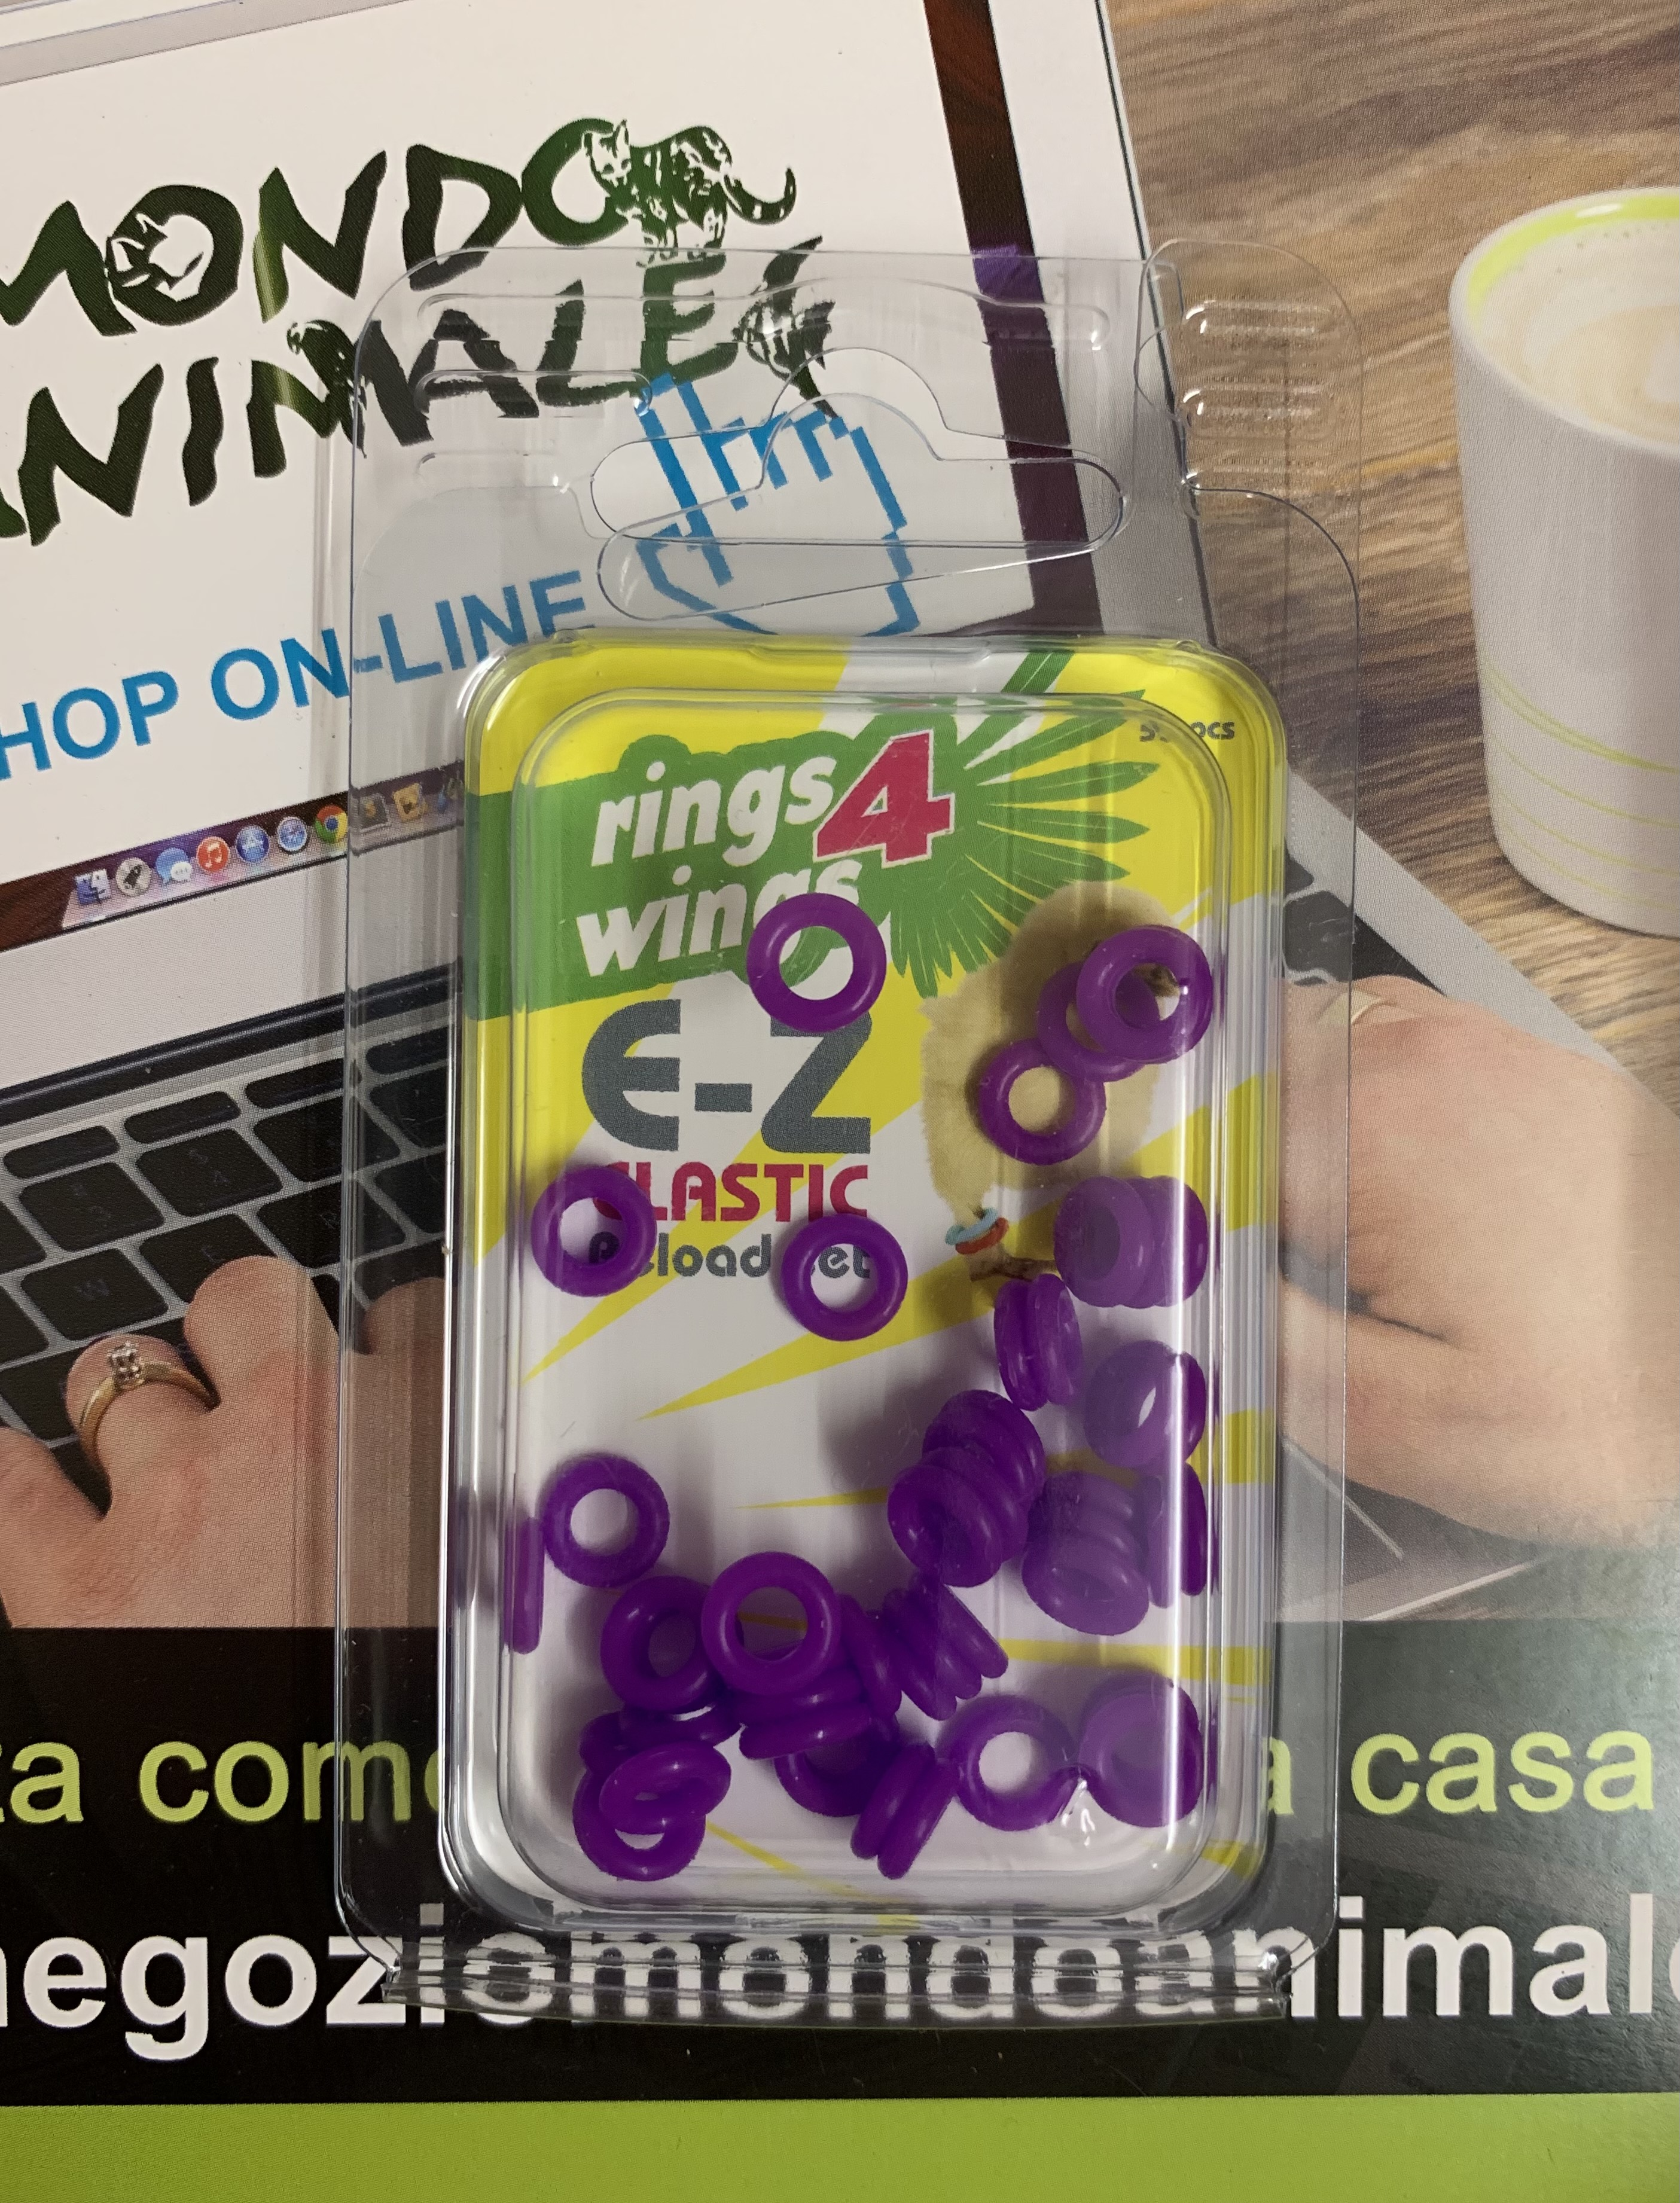 E-Z ELASTIC Reload set diamentro 4.5 cliccare sulla foto per i colori